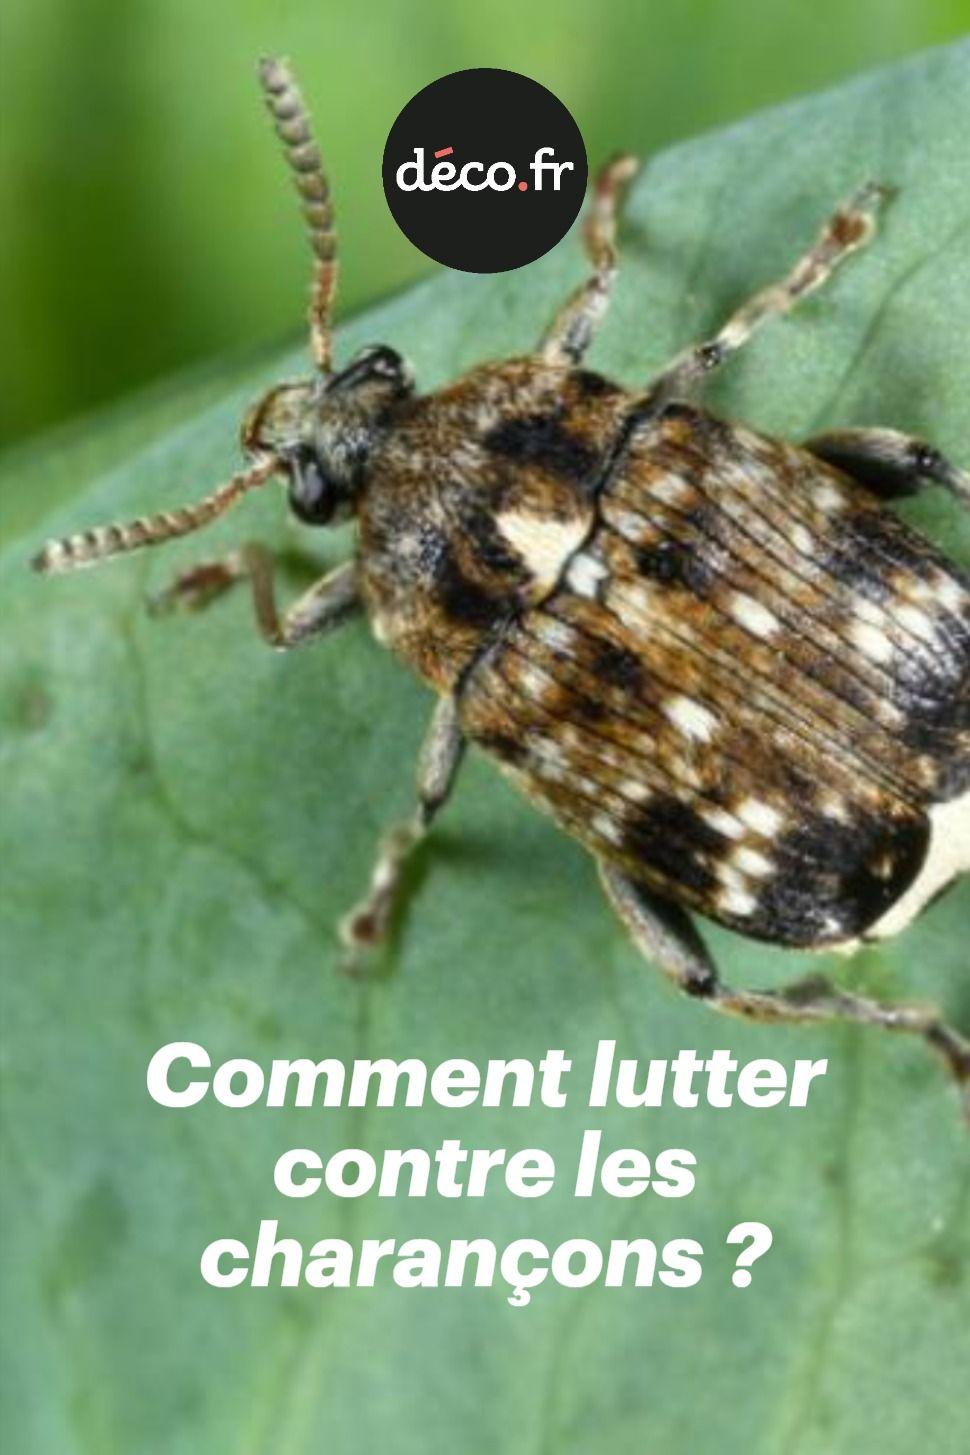 Petits Insectes Appartenant A La Famille Des Coleopteres Les Charancons Sont De Veritables Fleaux Ennemis Redoutes Des Jardiniers Q En 2020 Jardins Jardinage Potager